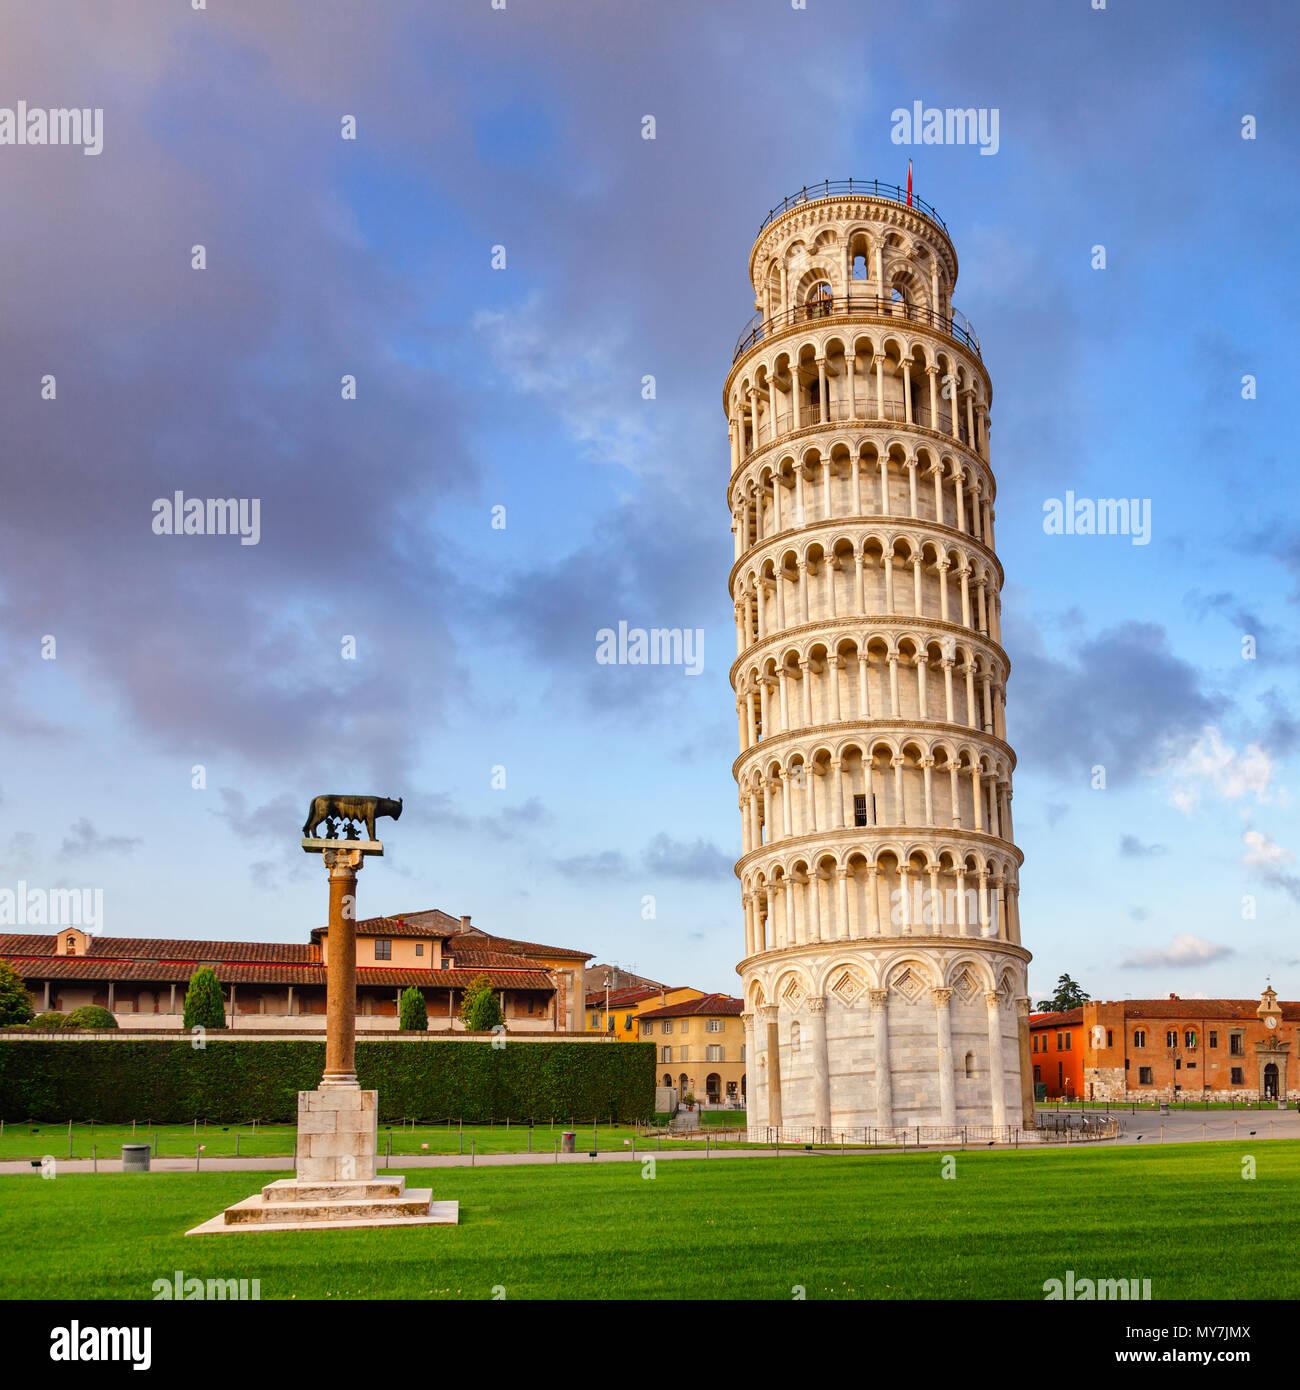 Torre de Pisa medieval (Torre di Pisa) en la Piazza dei Miracoli (Piazza del Duomo), famoso sitio de Patrimonio Mundial de la UNESCO y atracción turística Imagen De Stock